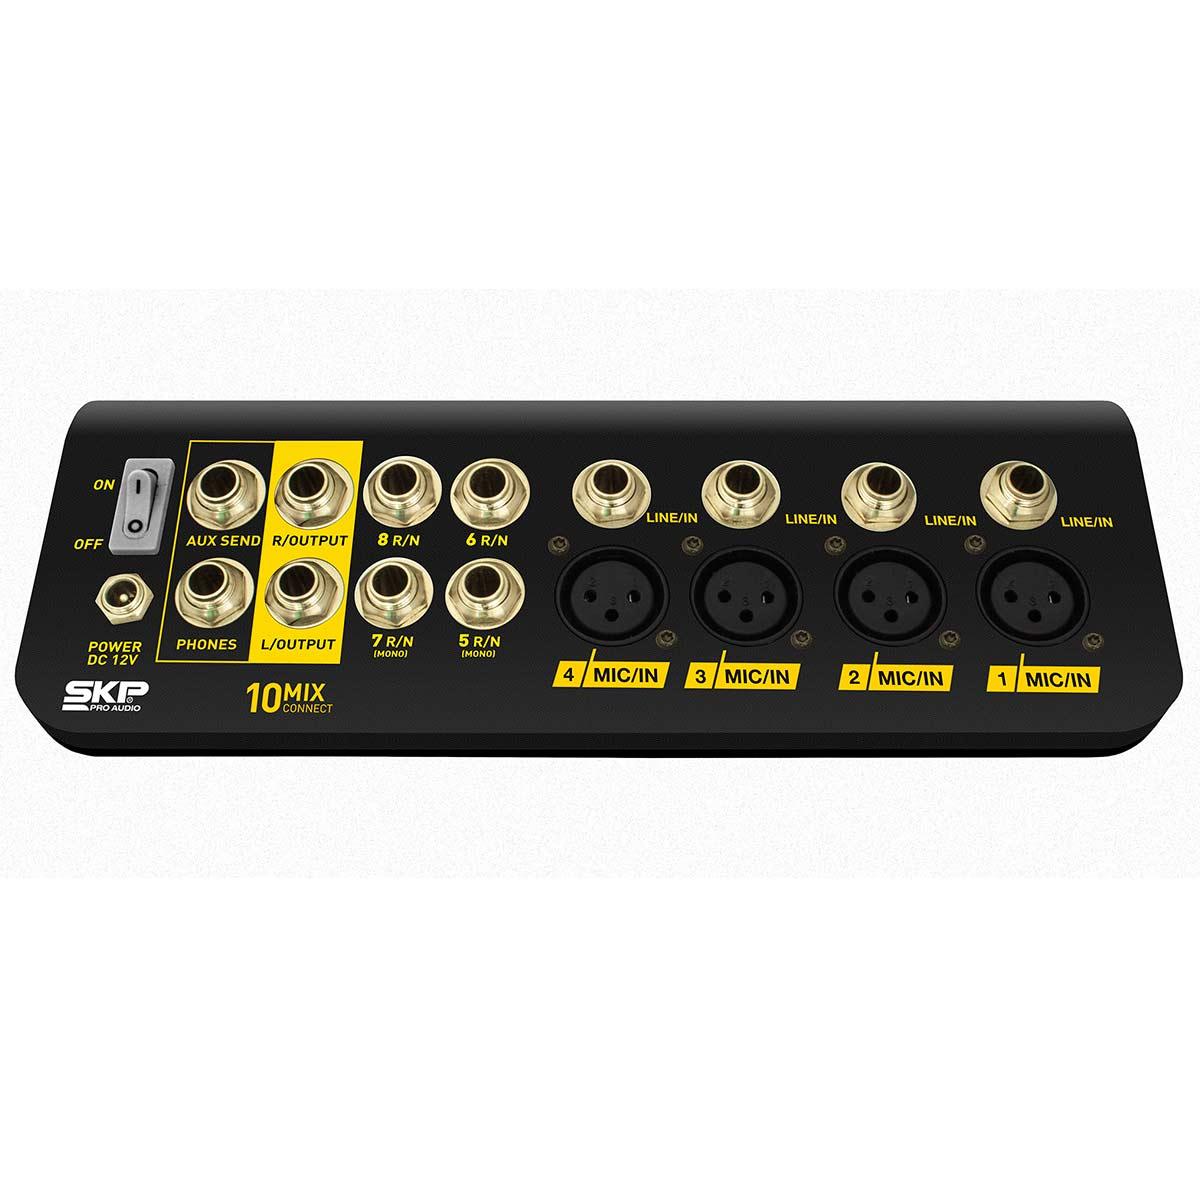 Connect 10 - Mesa de Som / Mixer Compacto 6 Canais USB Mix Connect 10 - SKP